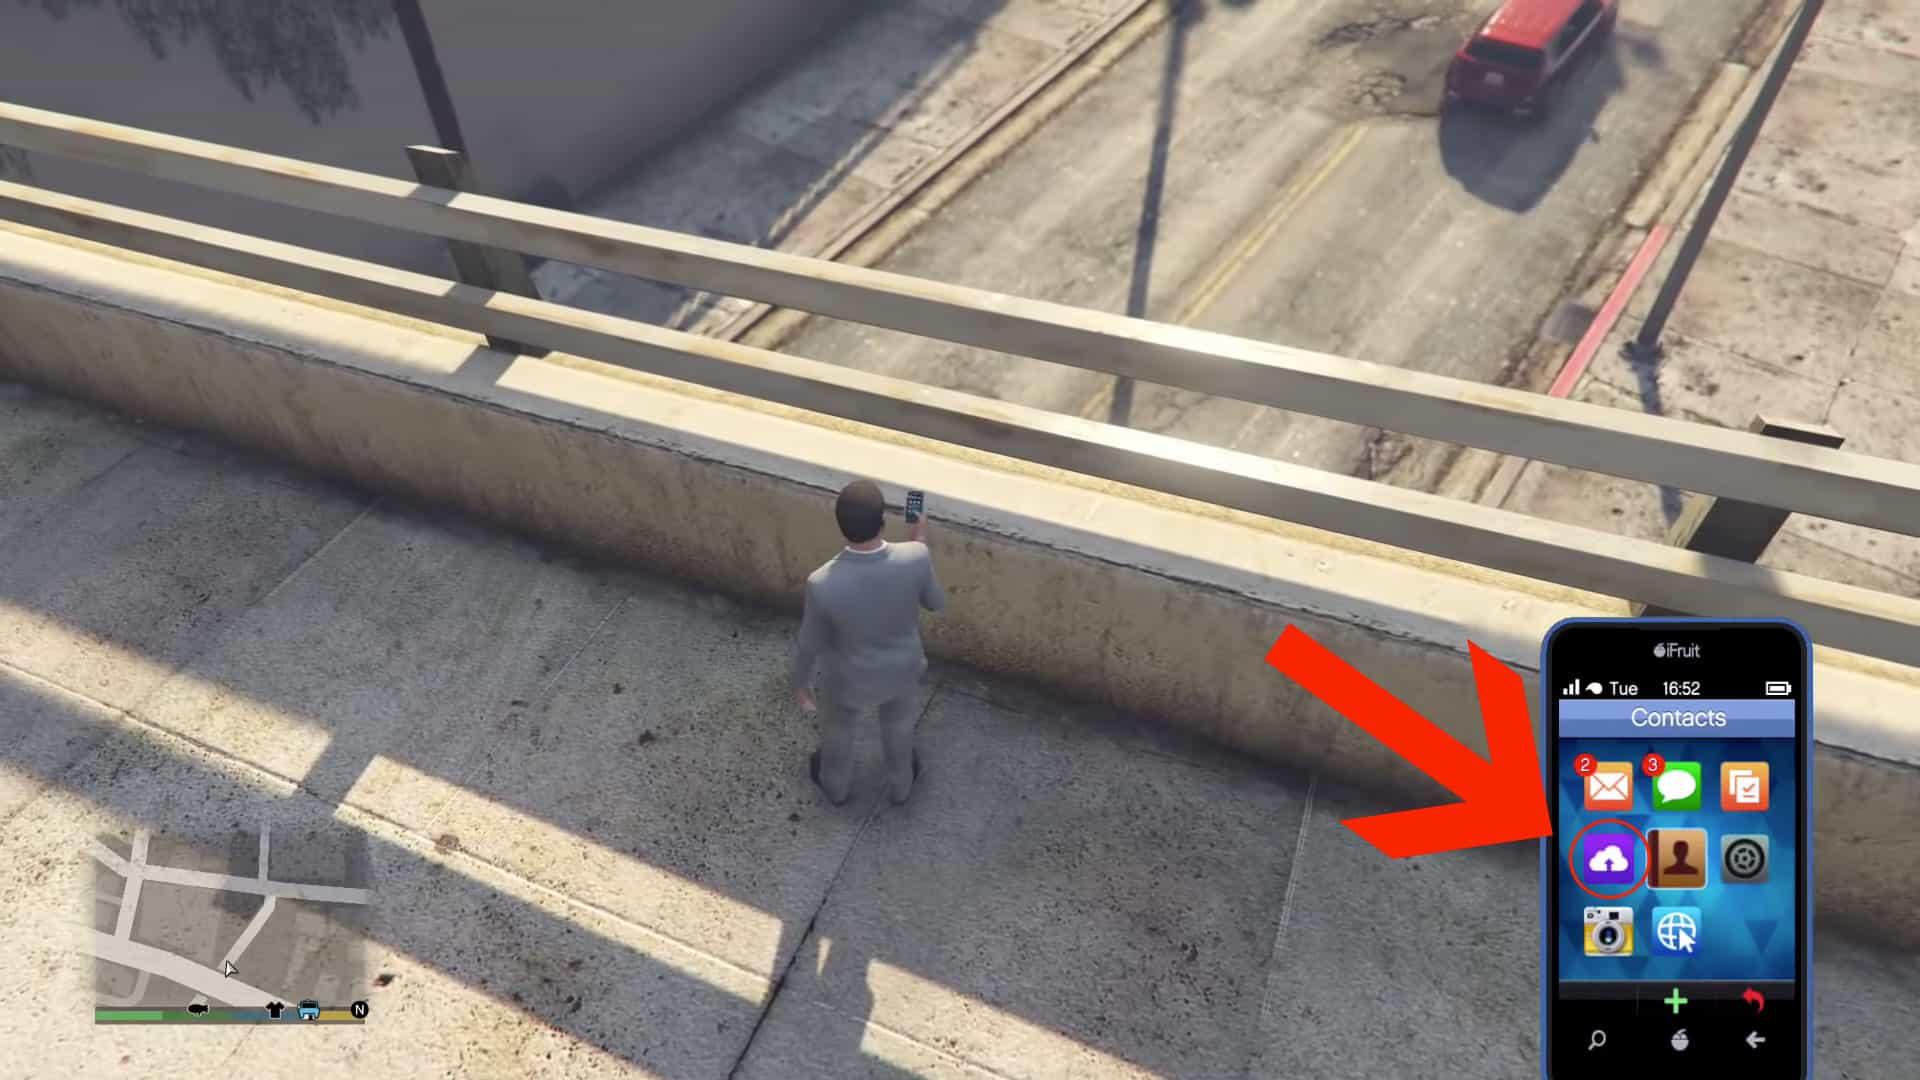 GTA 5 Cheats Xbox One / Xbox 360: Invincibility, Spawns